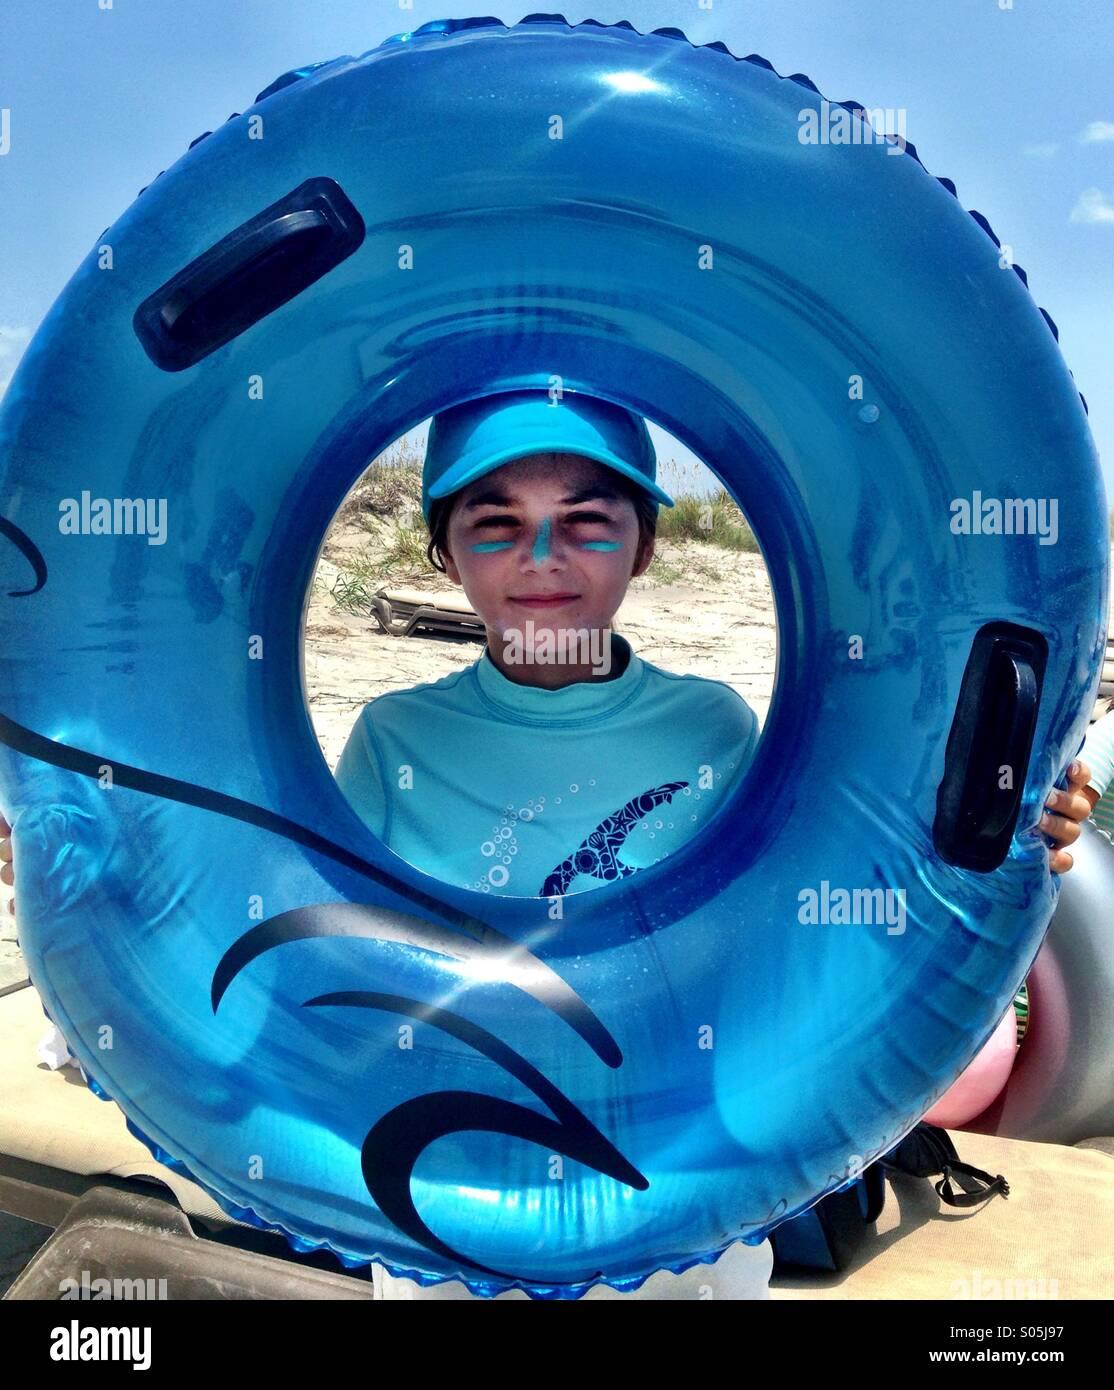 Ein süßes Kind in einen Hut hält eine blaue Innertube um ihr sunscreened Gesicht. Stockbild